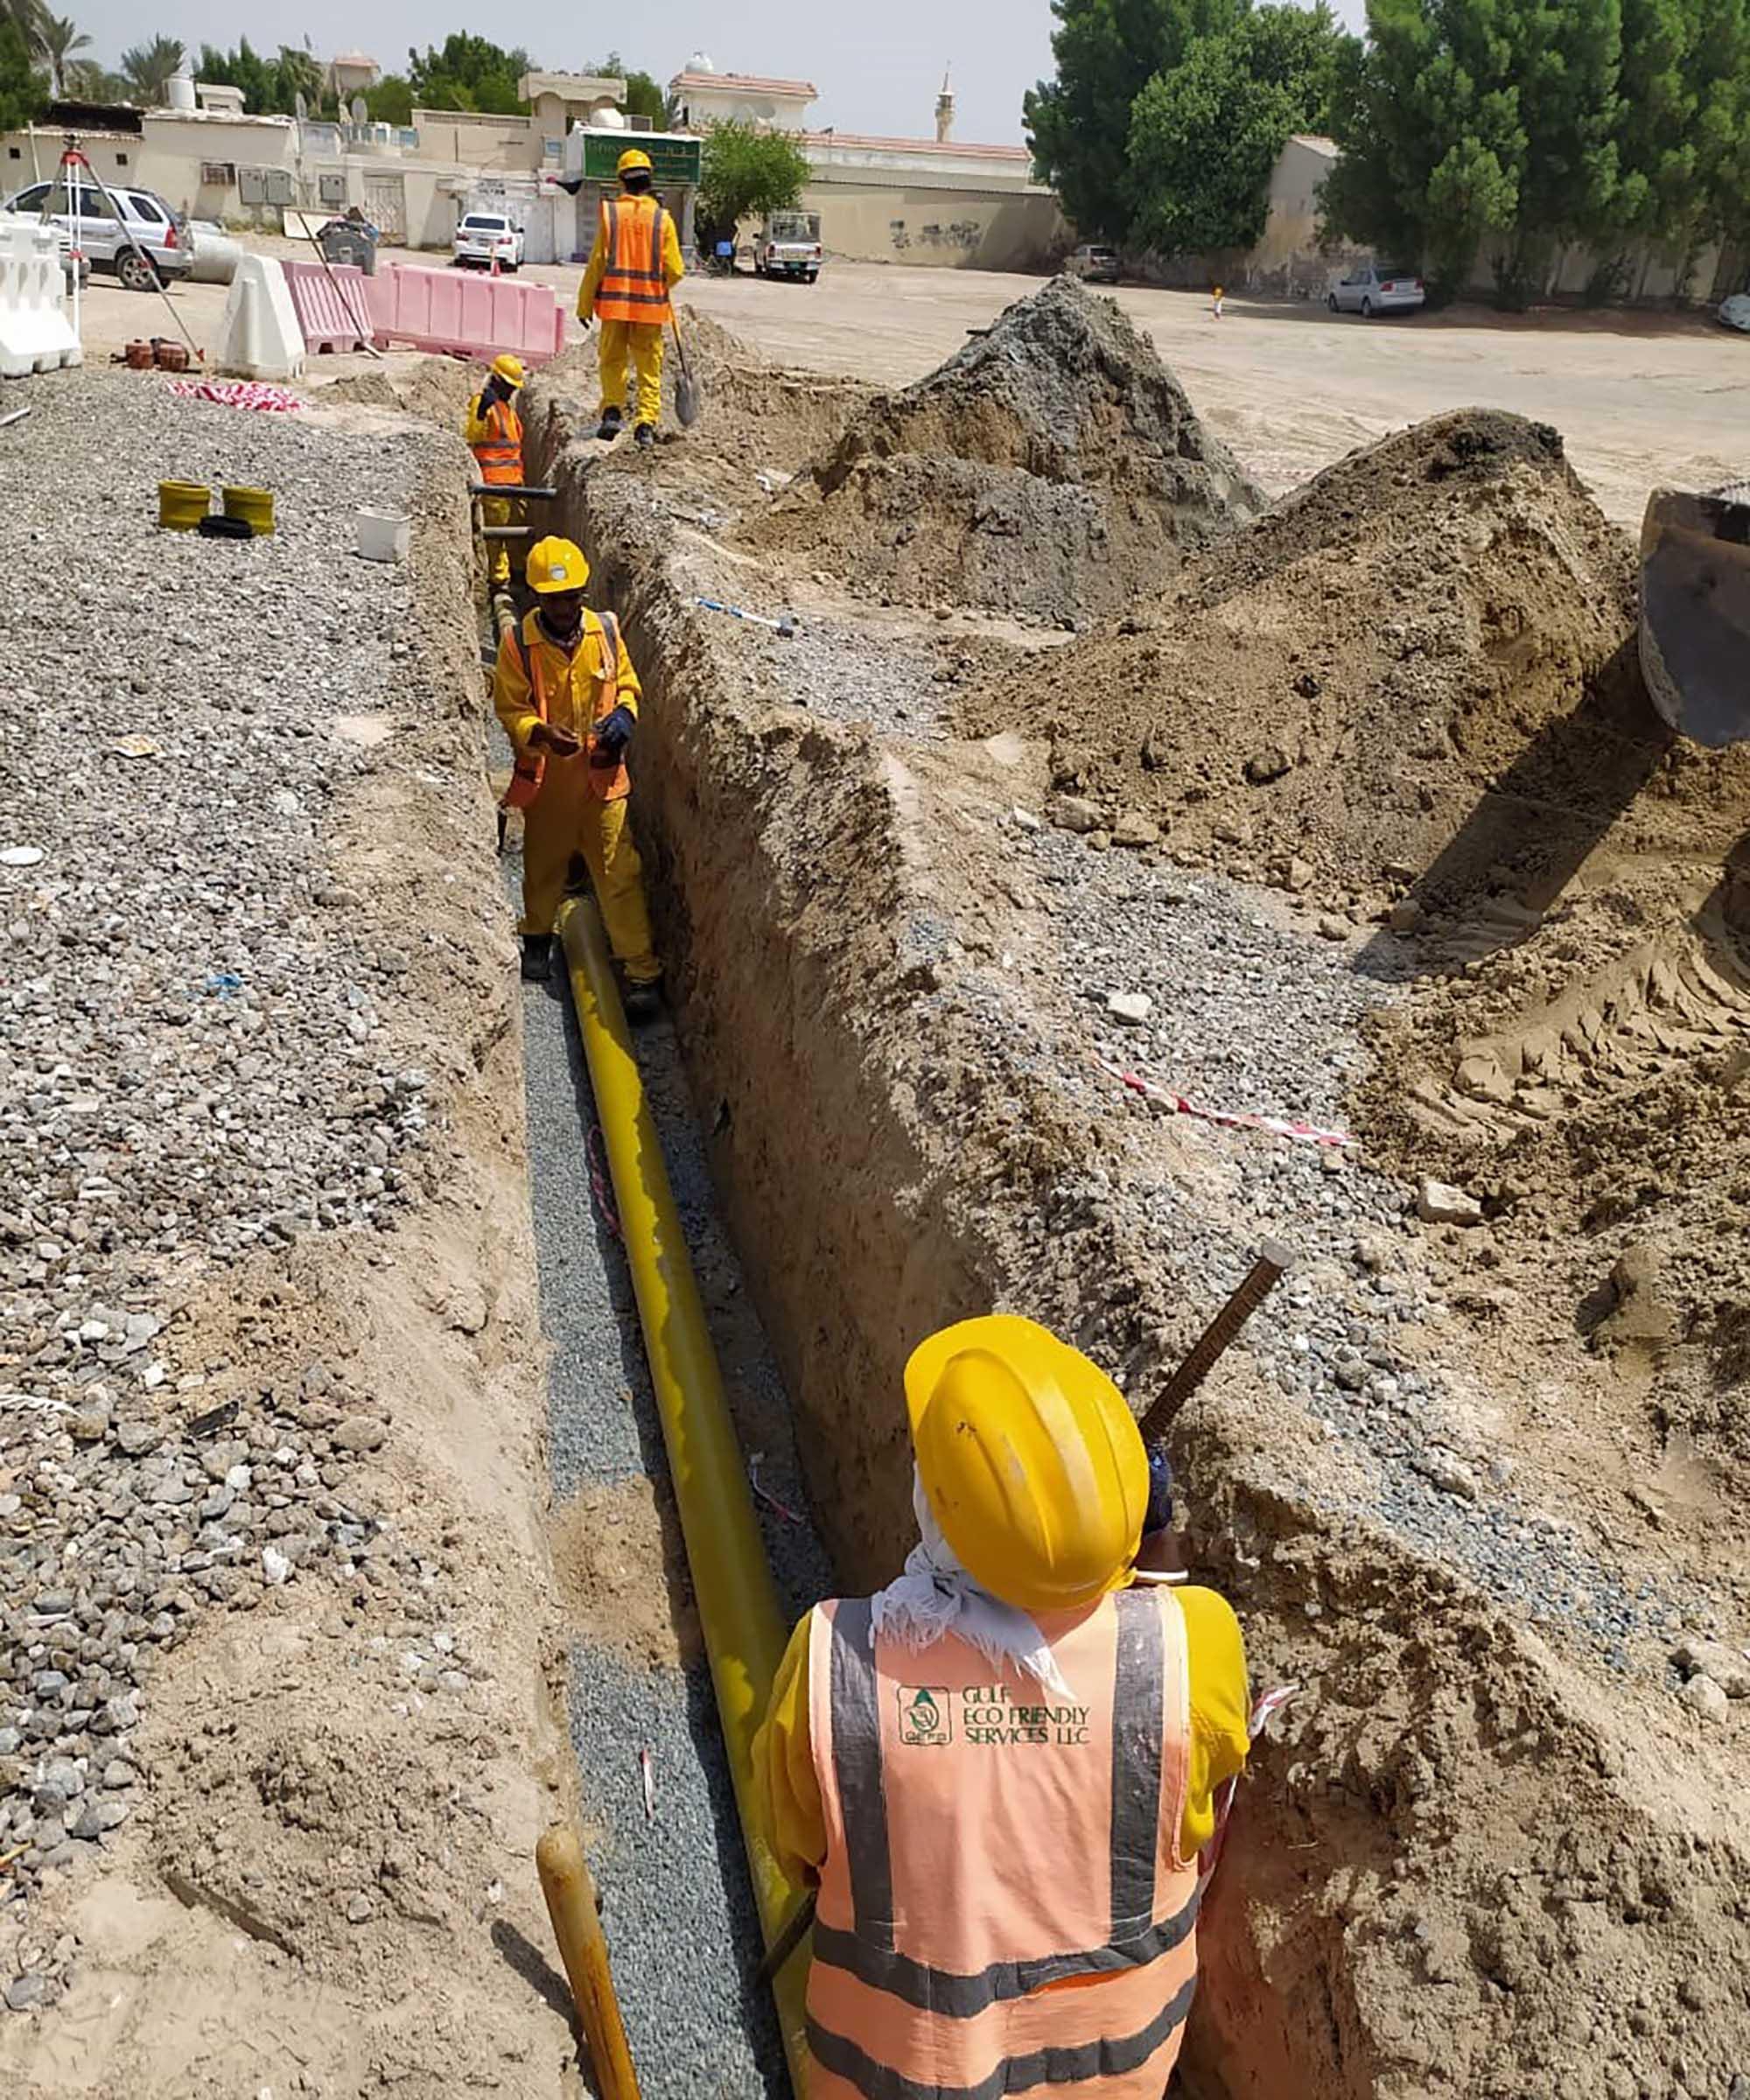 كهرباء الشارقة تستبدل شبكات المياه في 4 مناطق بالشارقة بتكلفة 30,149 مليون درهم